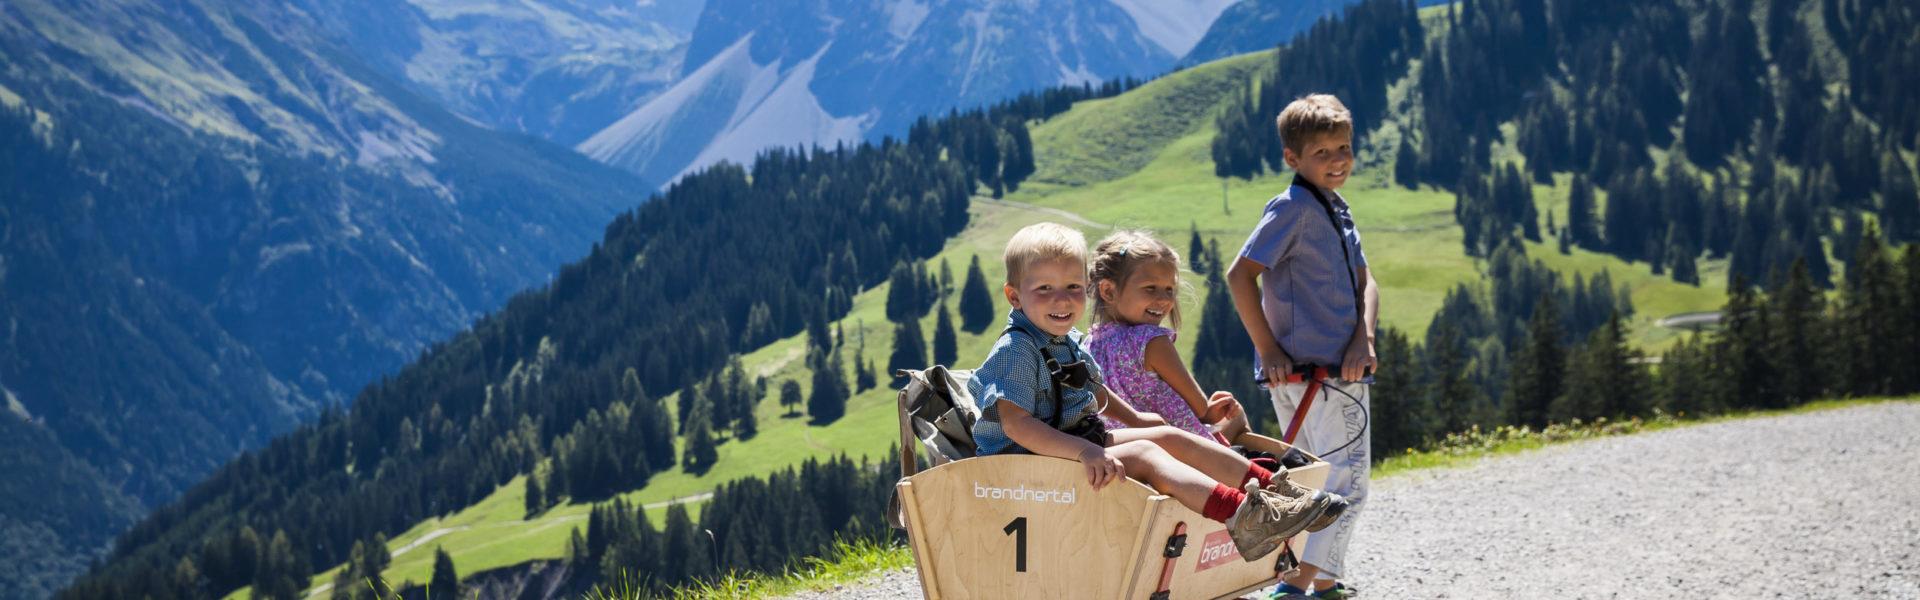 Familienwanderung Natursprünge, Familienausflug Brand © Bernhard Huber / Alpenregion Bludenz Tourismus GmbH